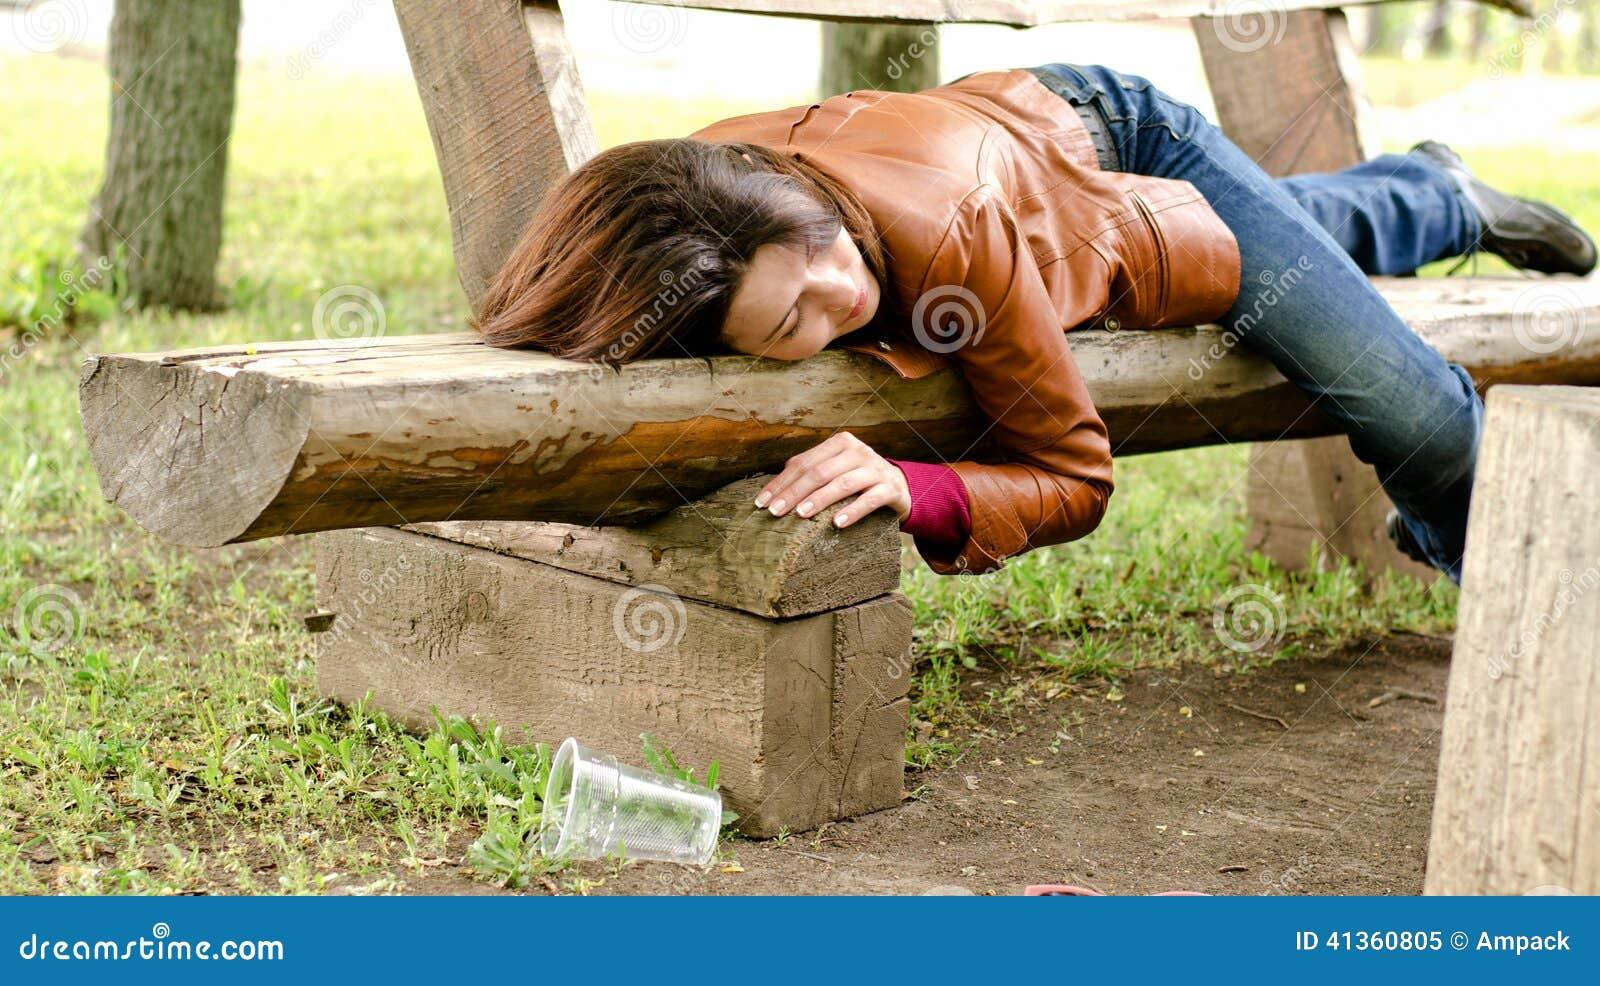 Μεθυσμένος ύπνος γυναικών αυτό μακριά σε έναν ξύλινο πάγκο